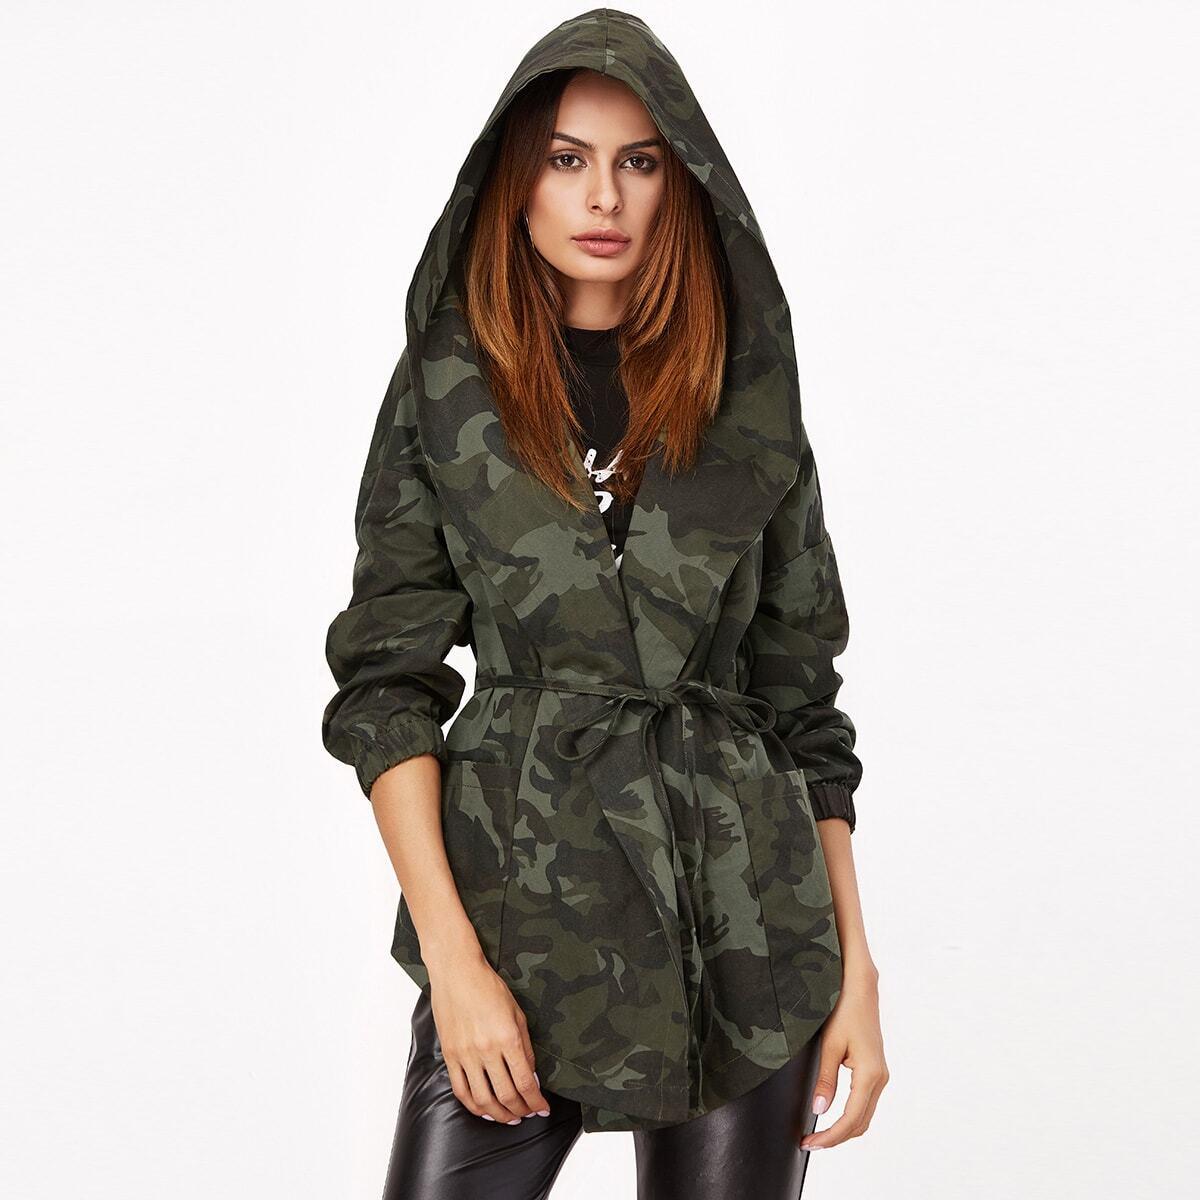 Jas met camouflageprint, knooplint en hoodie